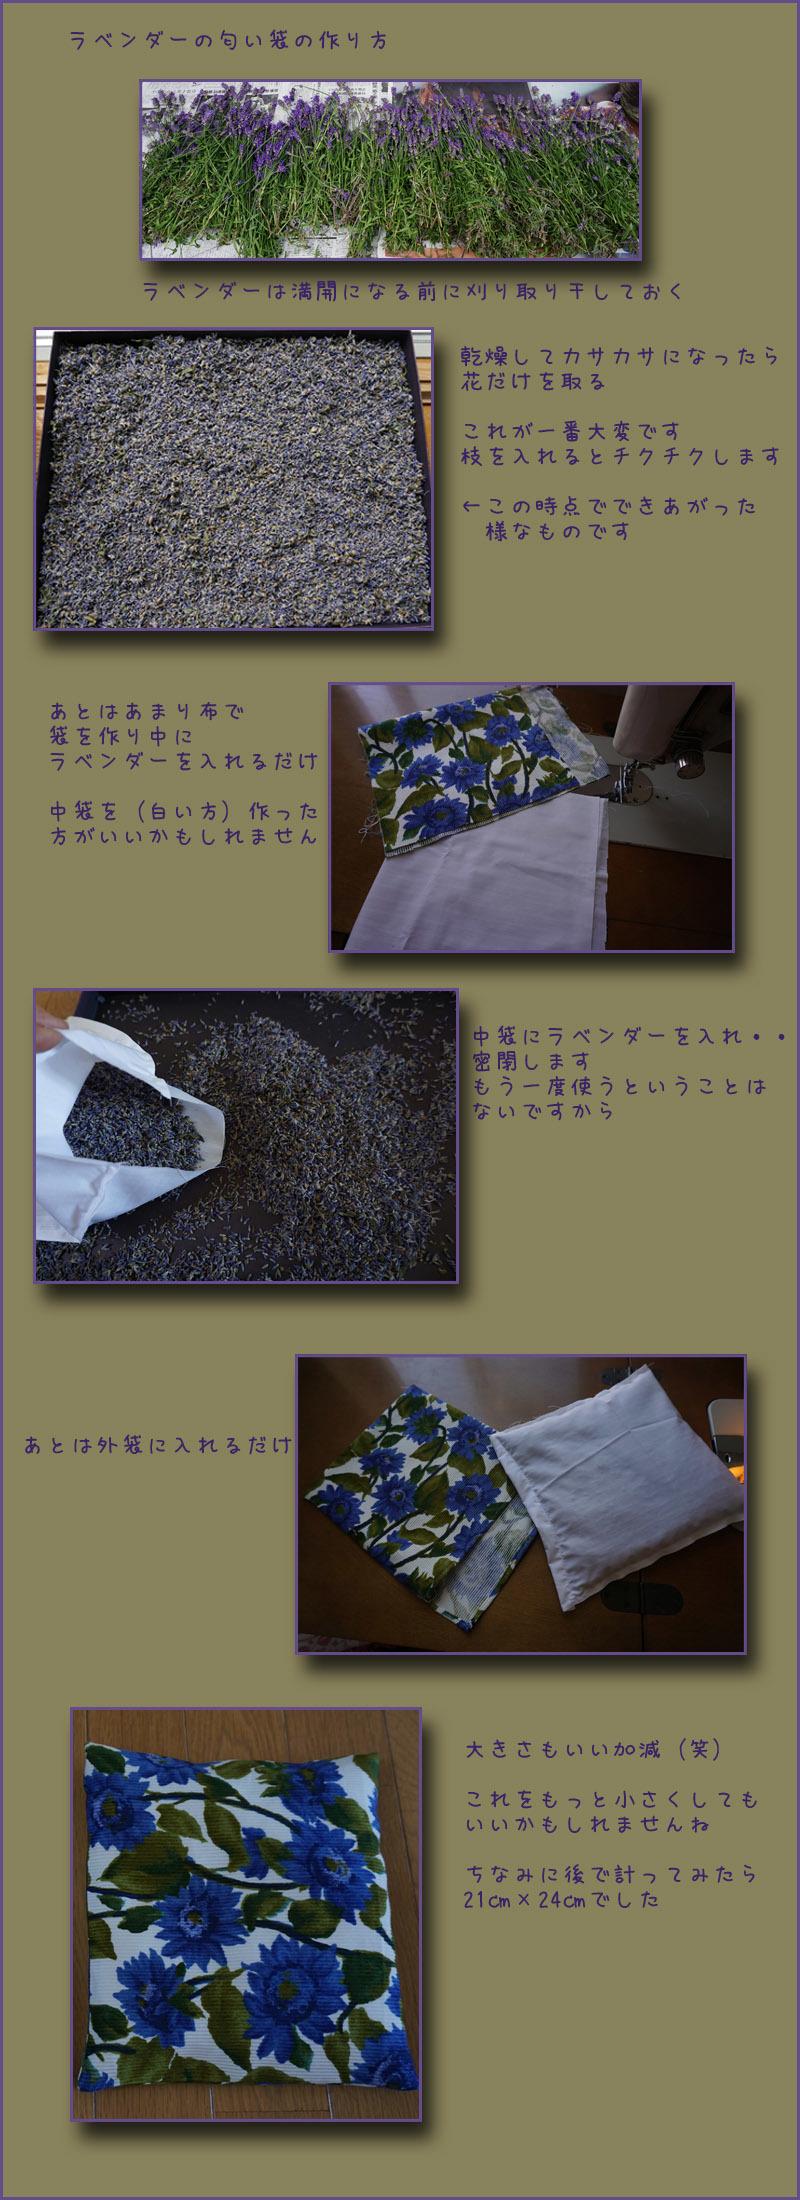 b0019313_17265609.jpg